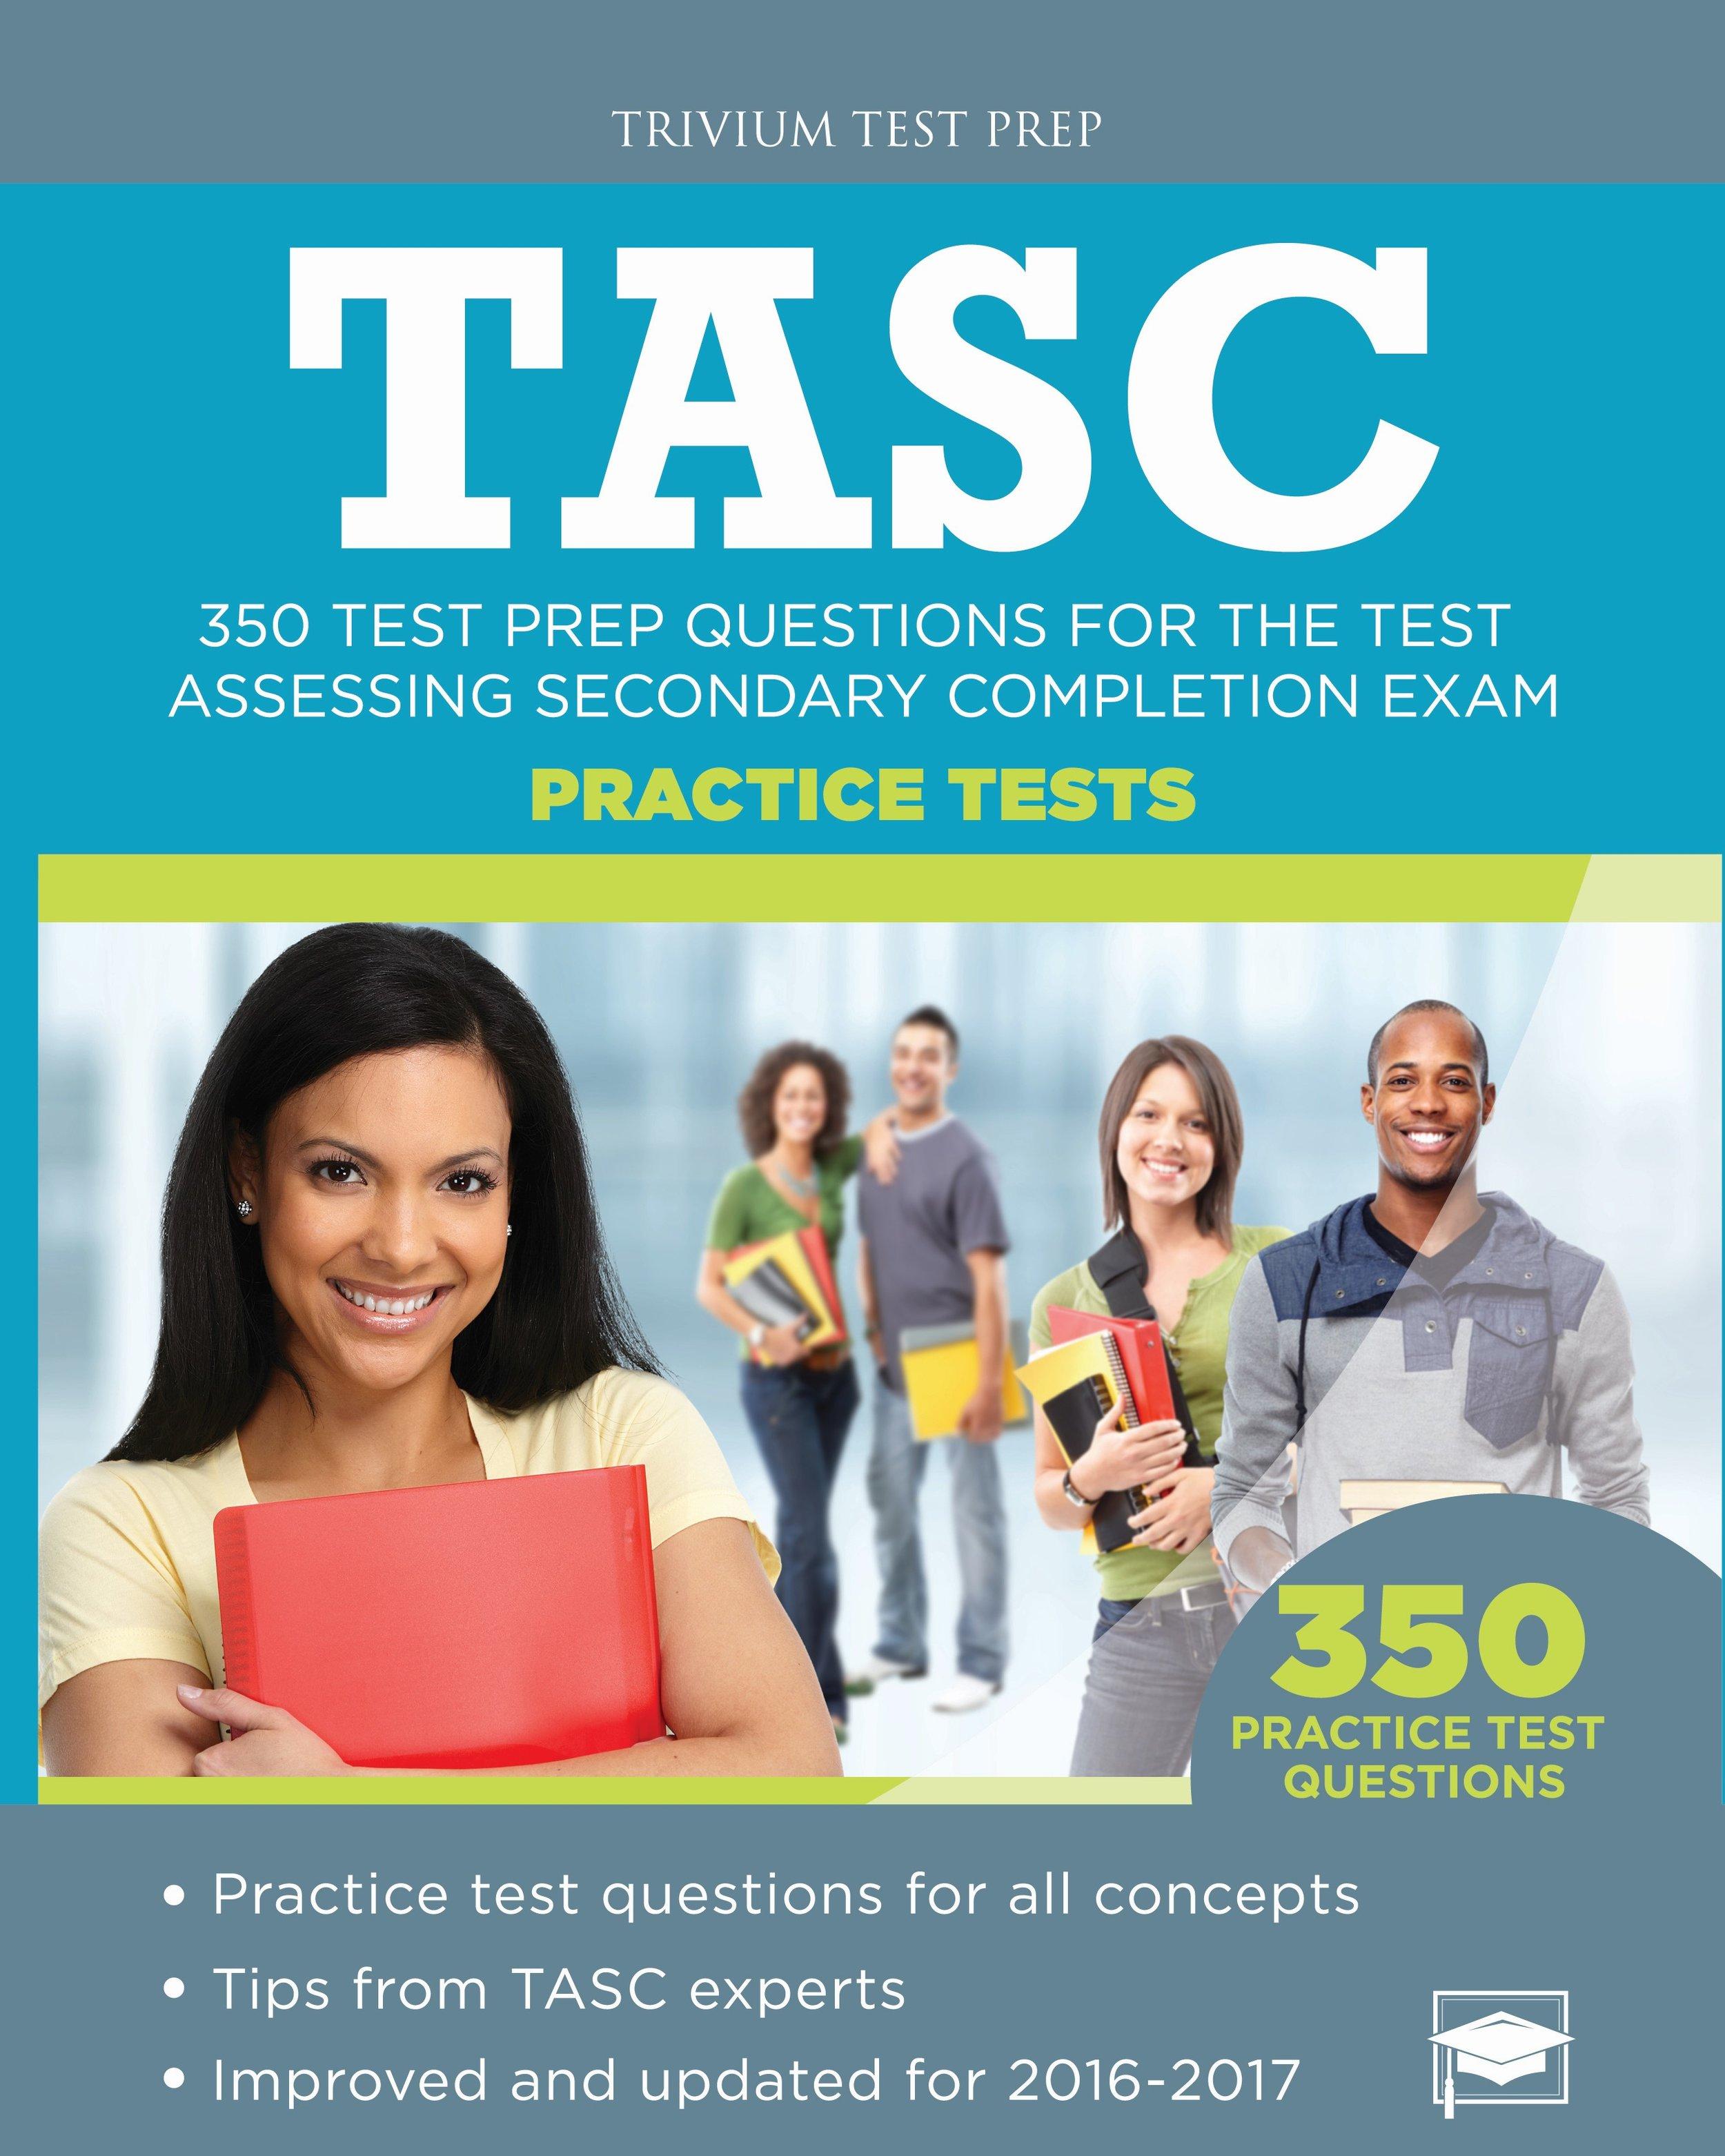 image regarding Hesi A2 Practice Test Printable identify TASC Teach Check Trivium Verify Prep Verify Prep